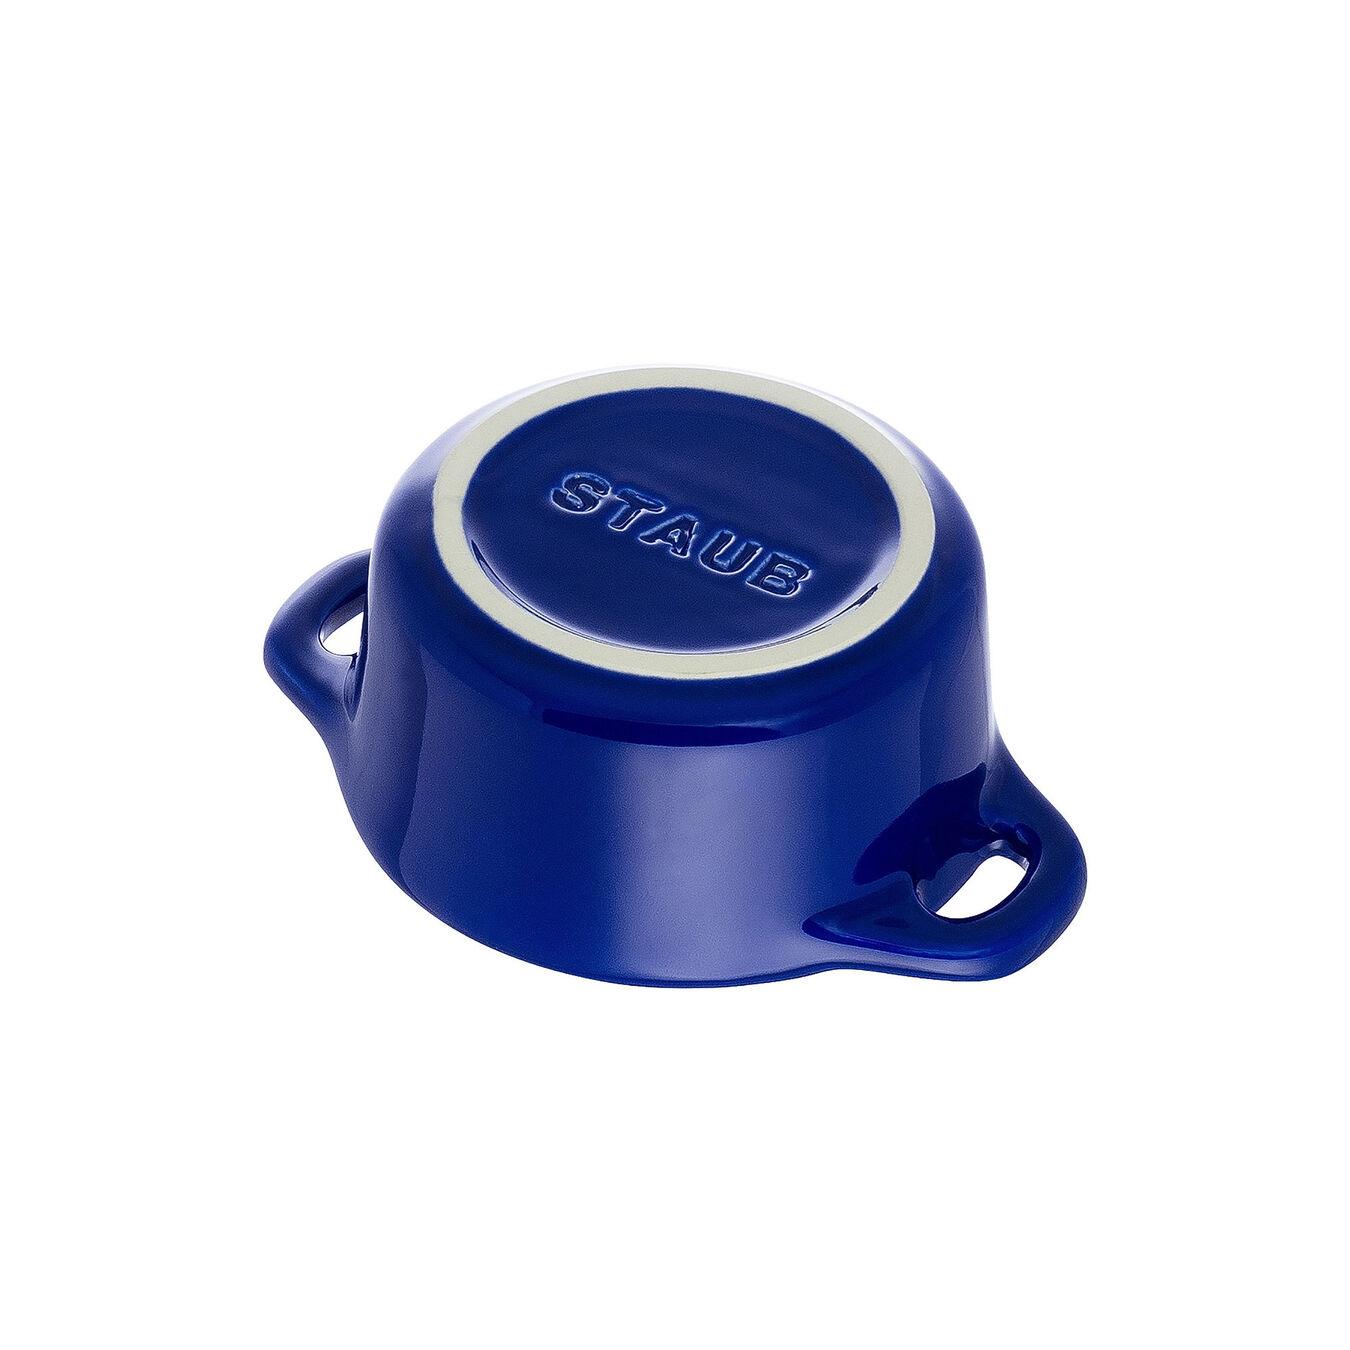 Mini Cocotte 10 cm, Rond(e), Bleu intense, Céramique,,large 5